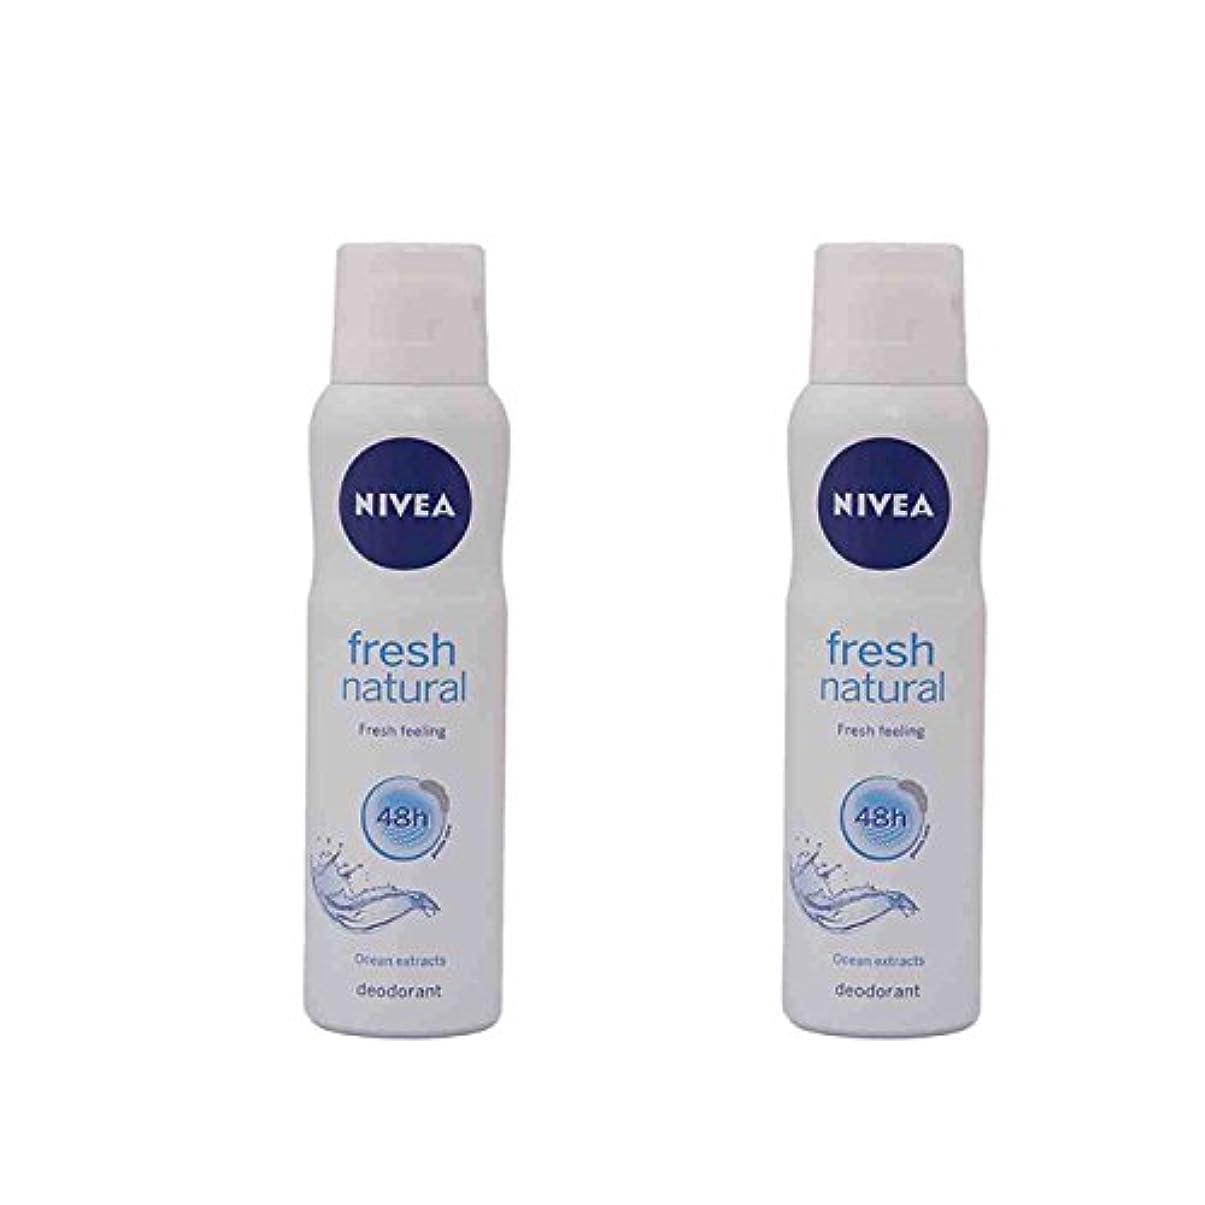 エアコンボンド木2 Lots X Nivea For Women Fresh Natural Deodorant, 150ml - 並行輸入品 - 2ロットXニベア女性用フレッシュナチュラルデオドラント、150ml